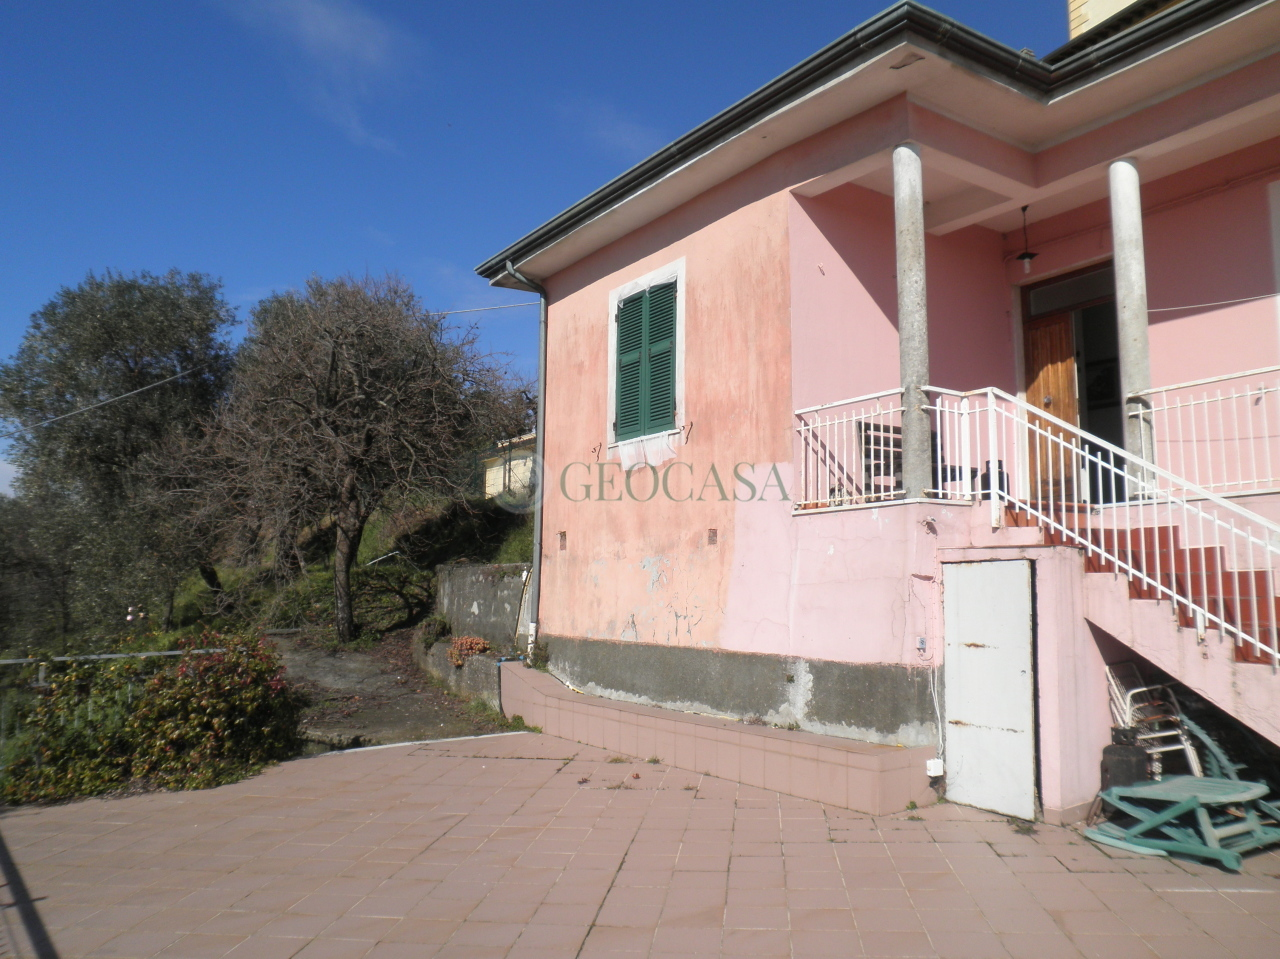 Soluzione Indipendente in vendita a Vezzano Ligure, 3 locali, prezzo € 110.000 | CambioCasa.it